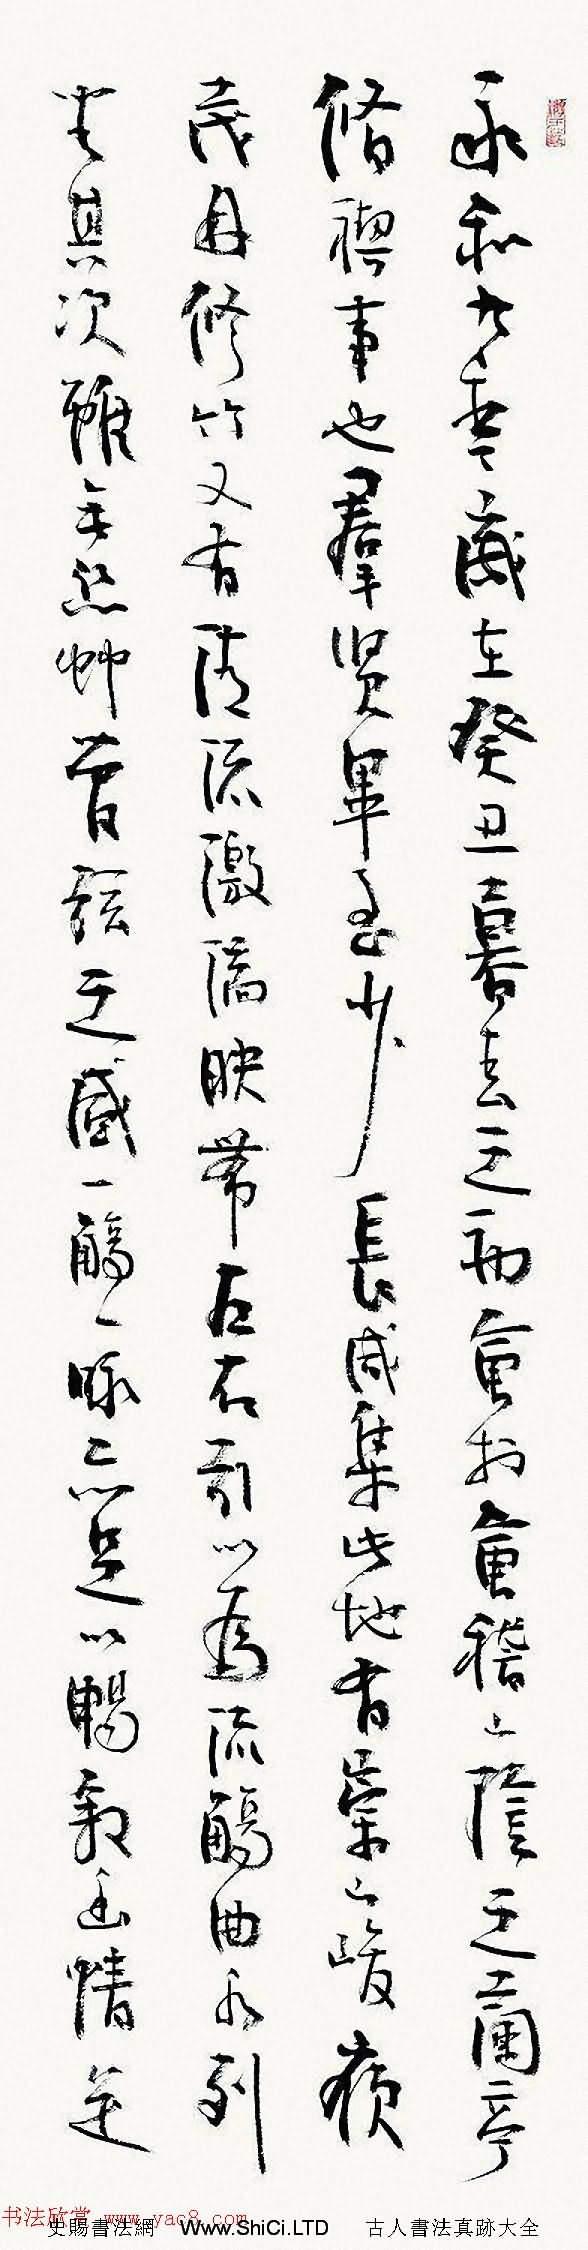 張海書王羲之蘭亭集序全文